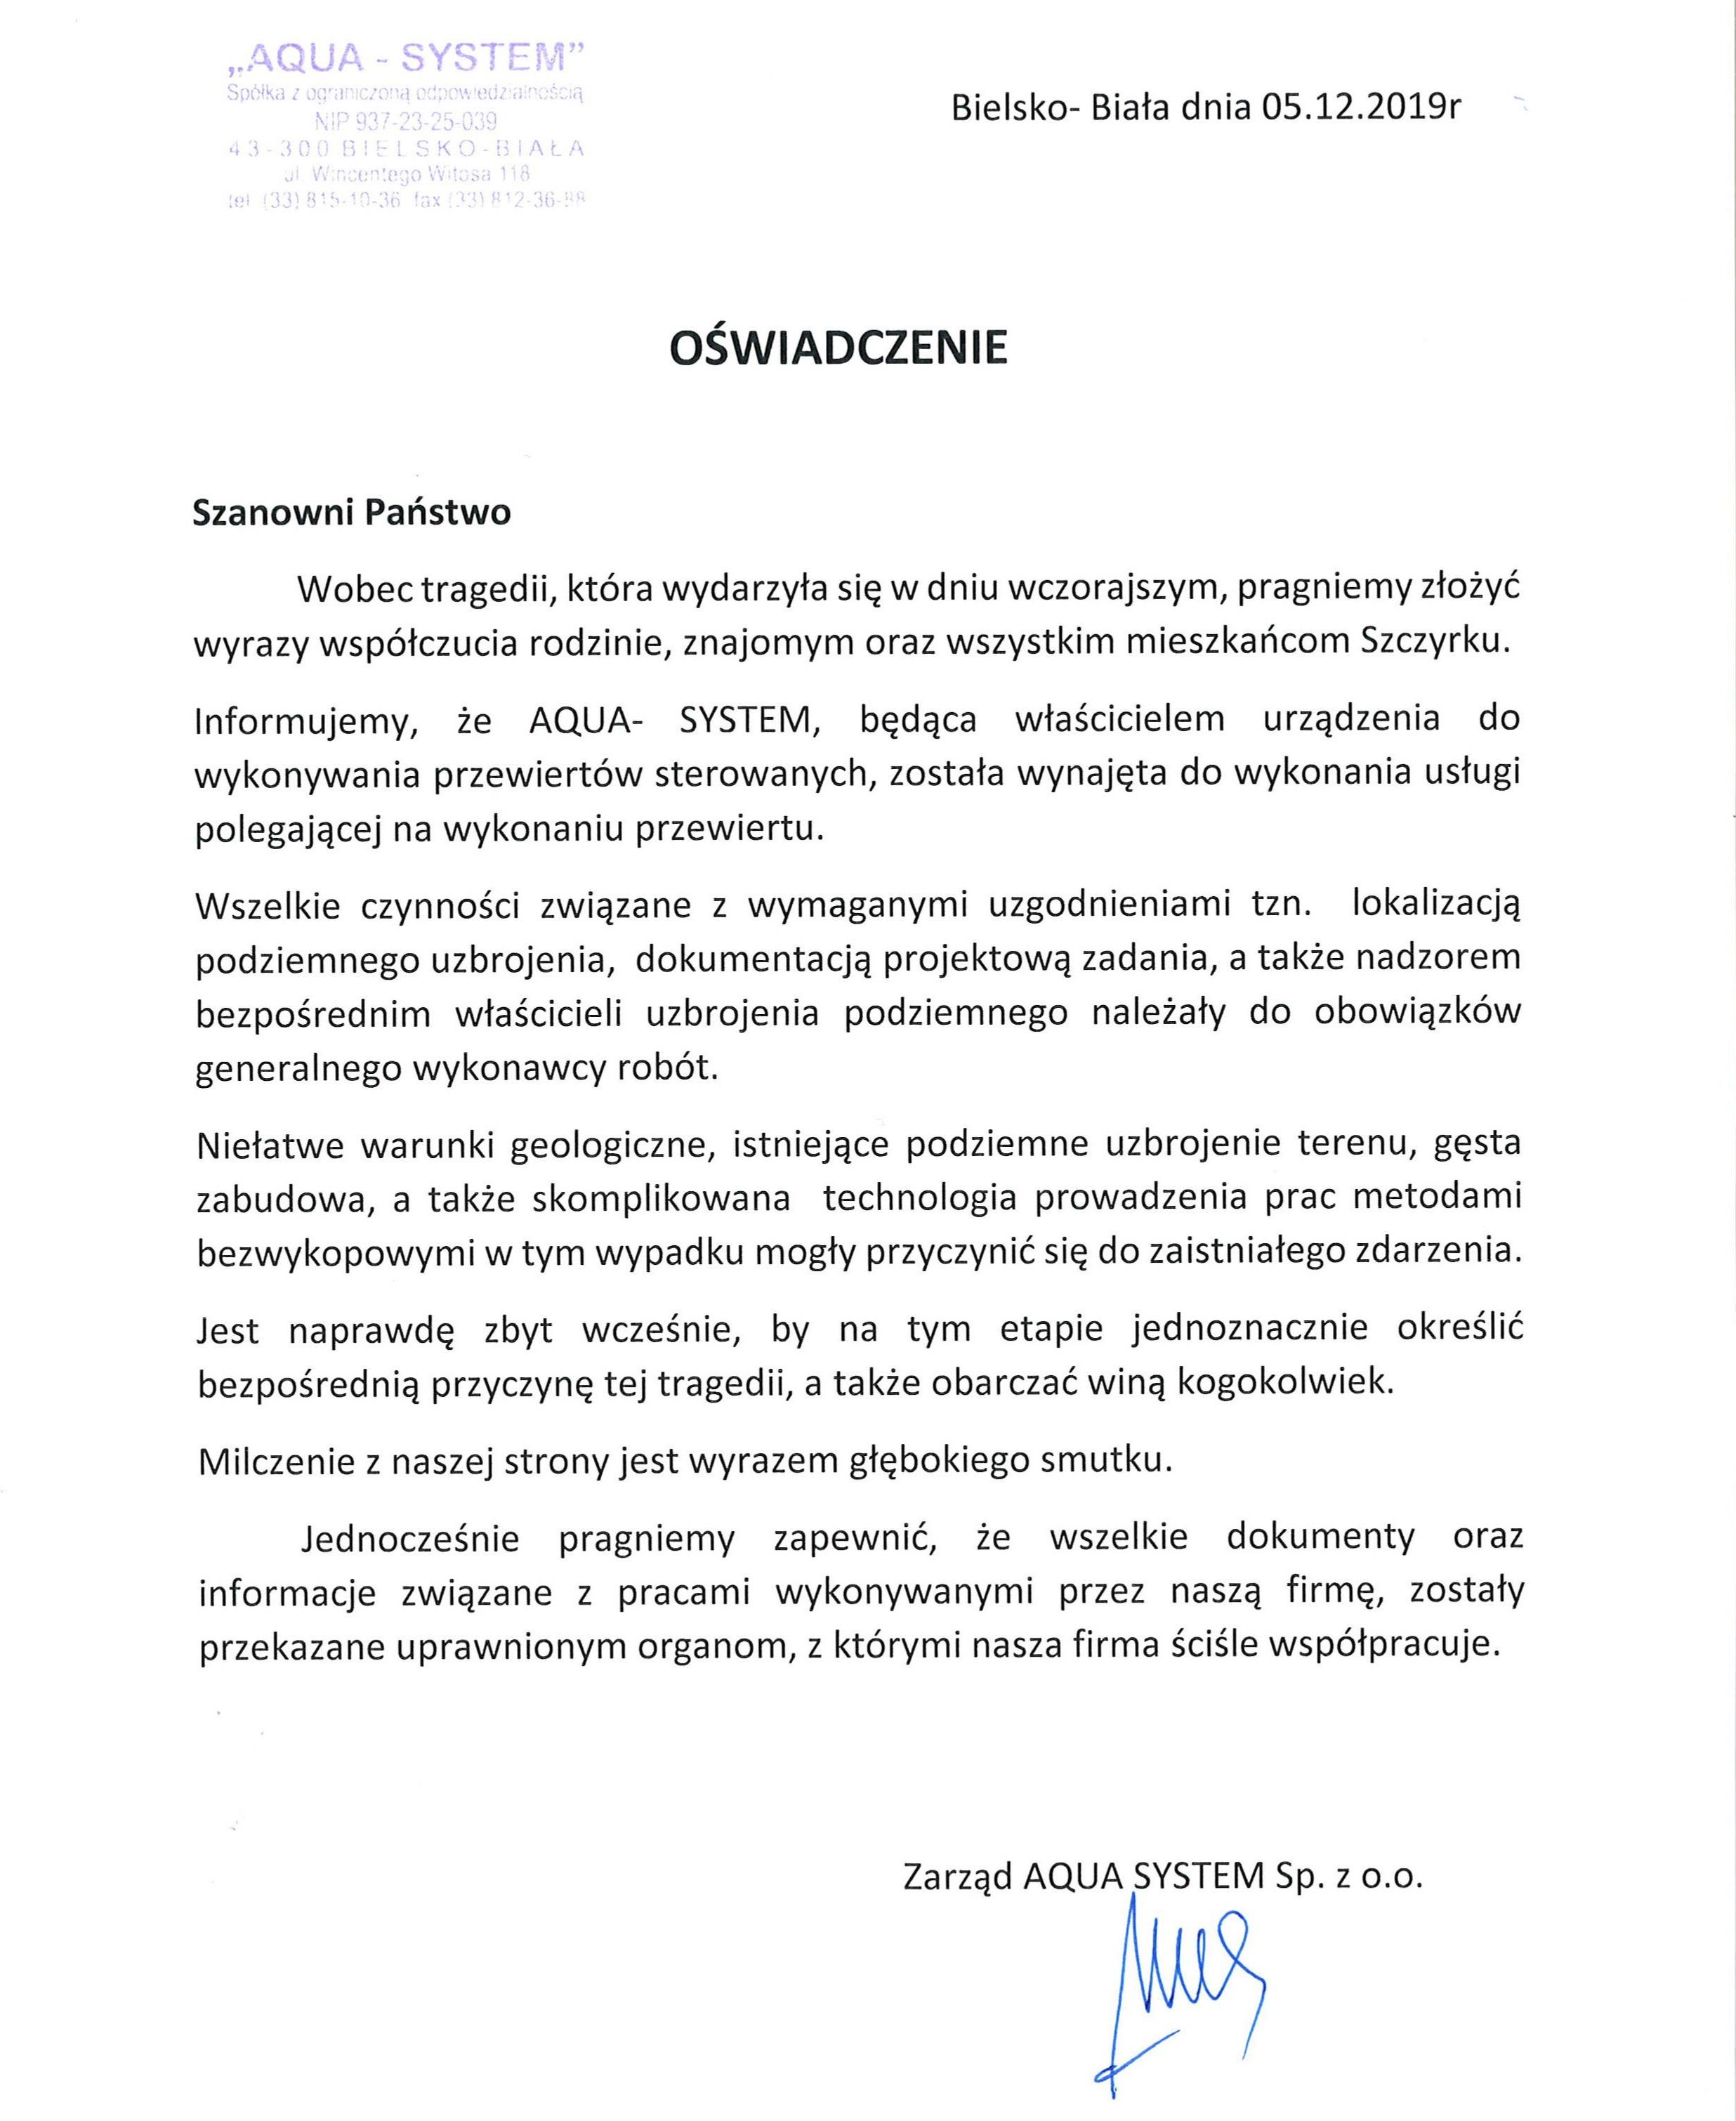 Oświadczenie firmy AQUA SYSTEM z Bielska-Białej ws. tragedii w Szczyrku